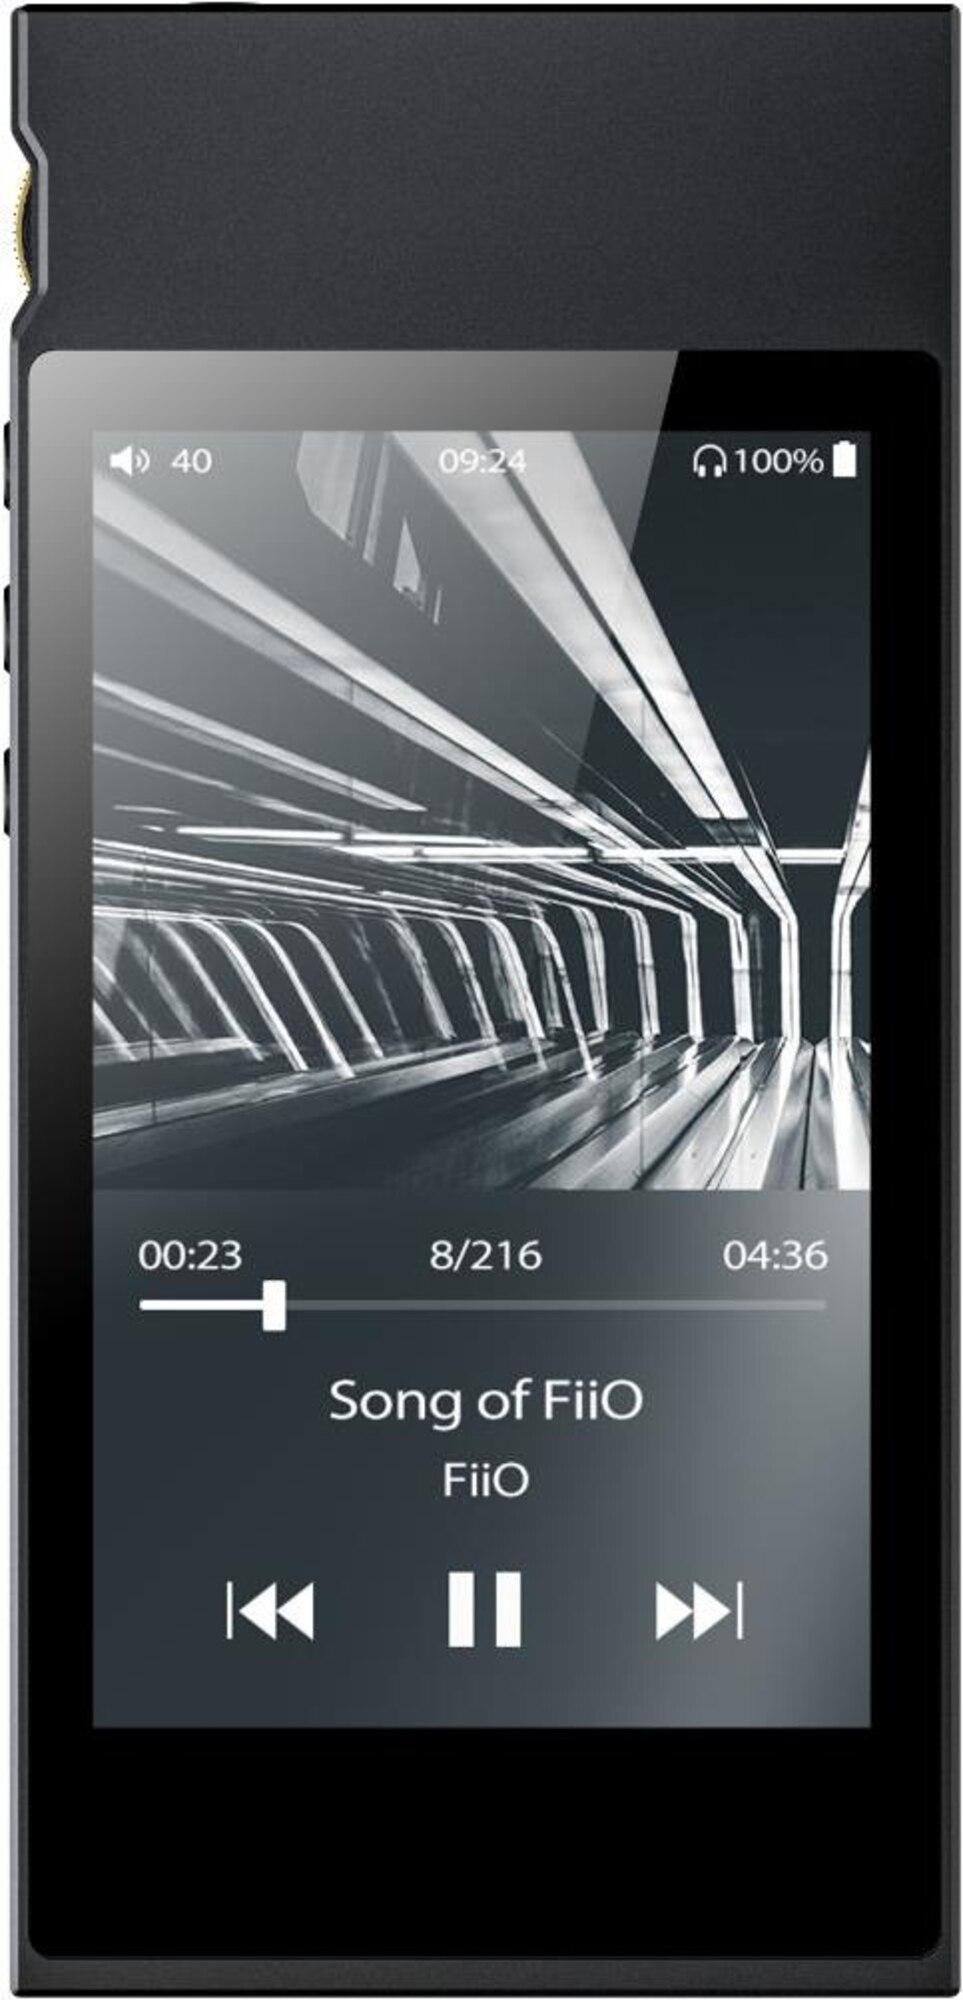 [digitec Schweiz] FiiO M7 High Resolution Audio Player für 99.- CHF / 91.- EUR statt ca. 173.- EUR